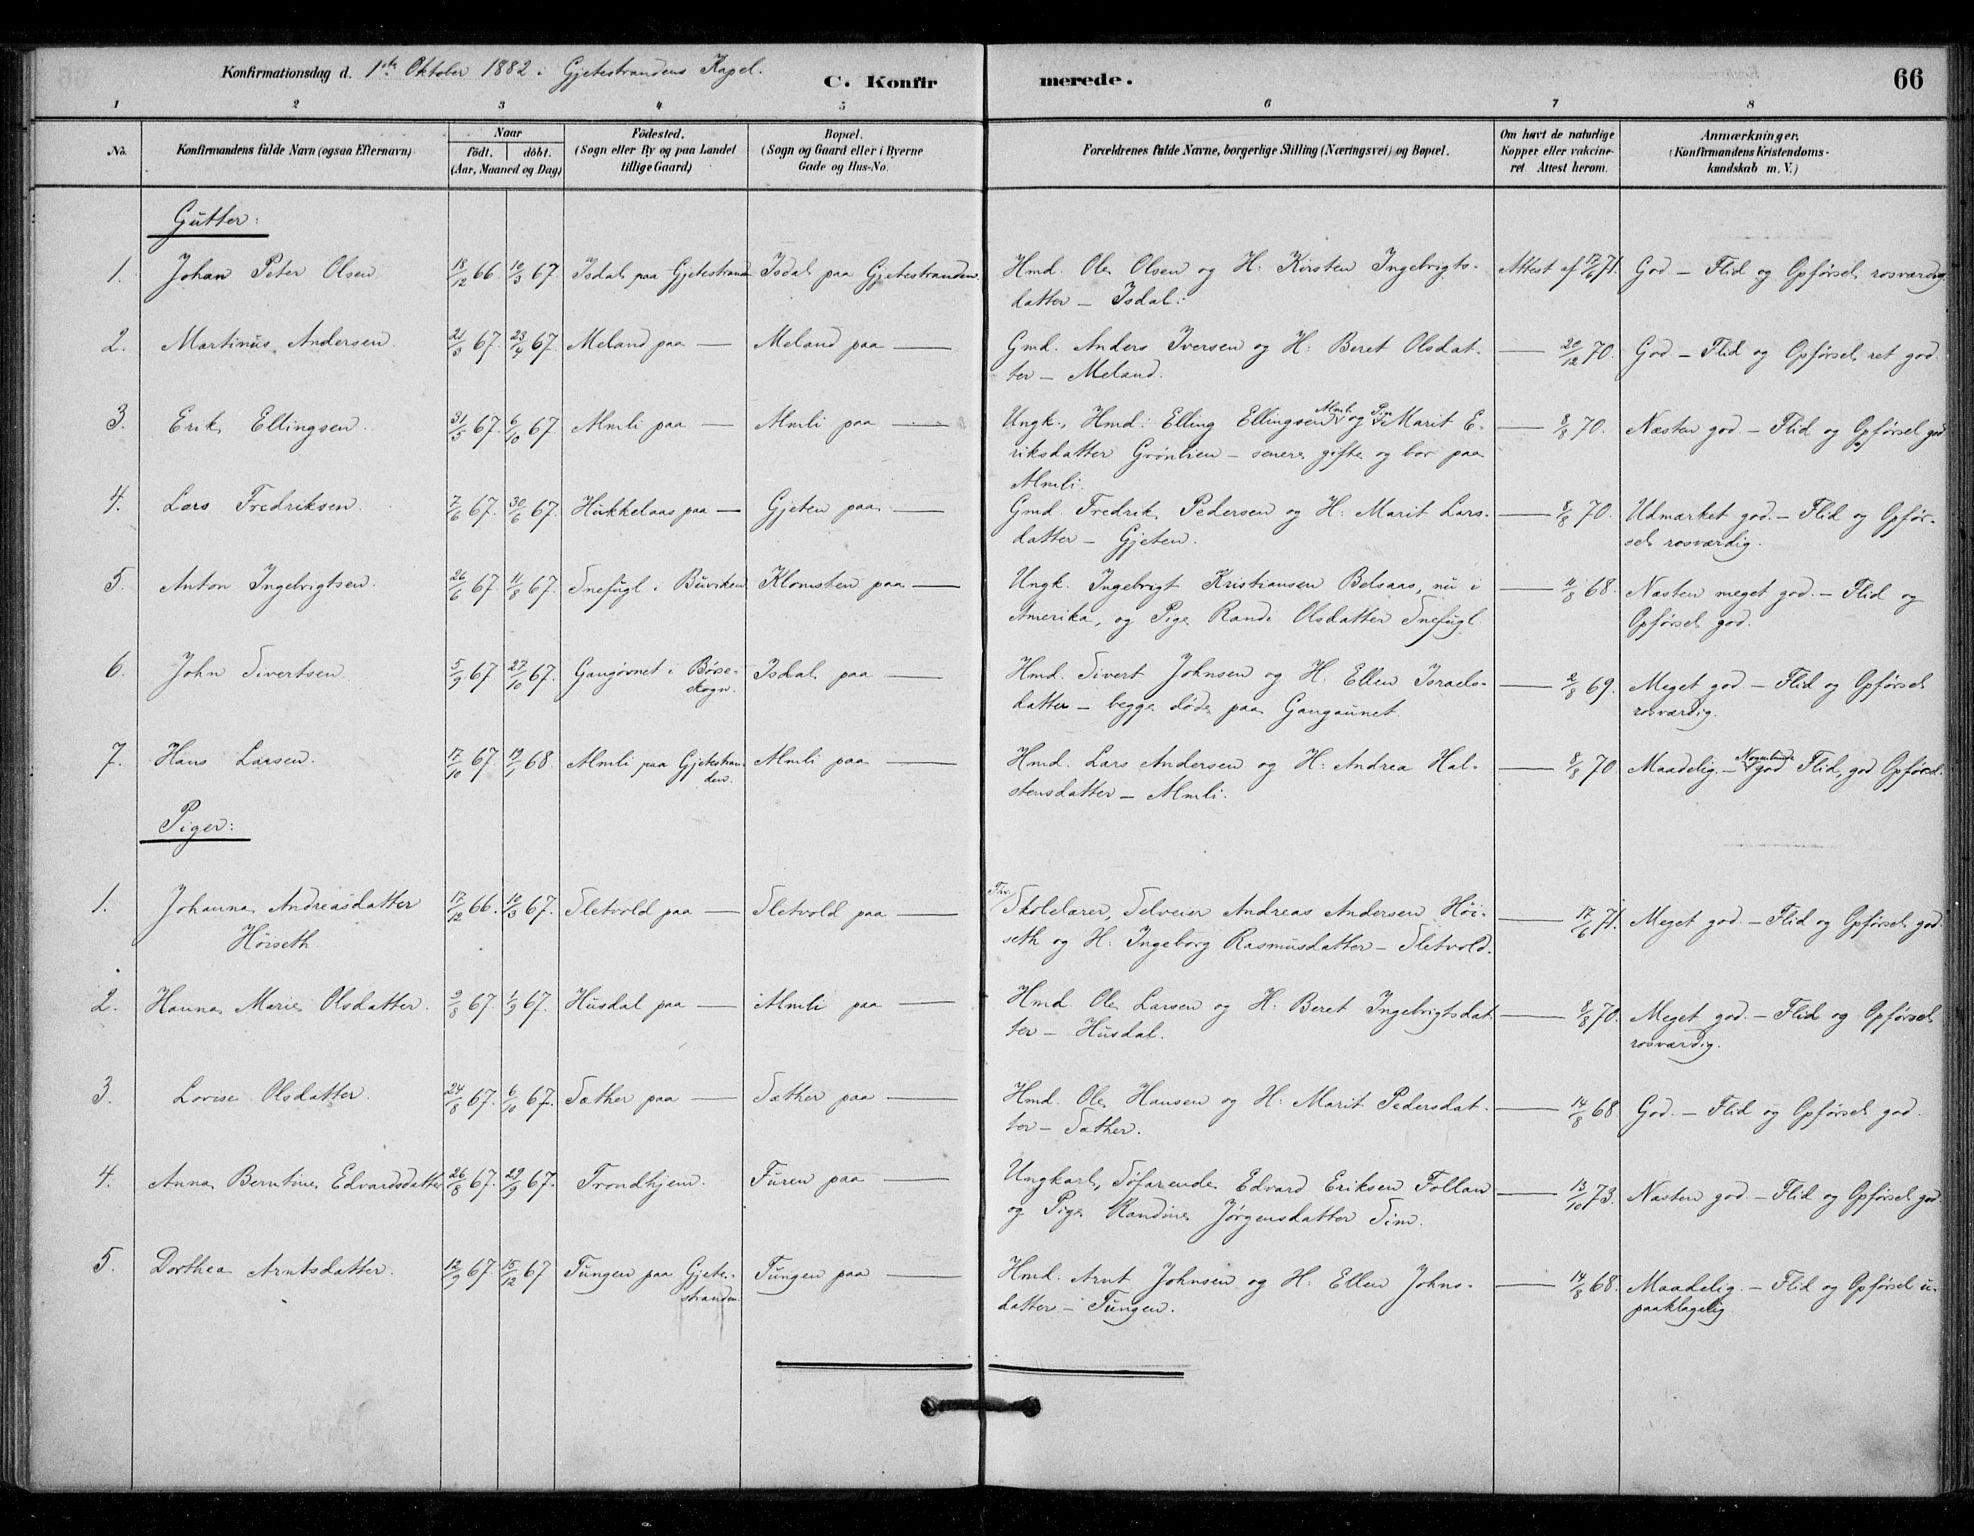 SAT, Ministerialprotokoller, klokkerbøker og fødselsregistre - Sør-Trøndelag, 670/L0836: Ministerialbok nr. 670A01, 1879-1904, s. 66